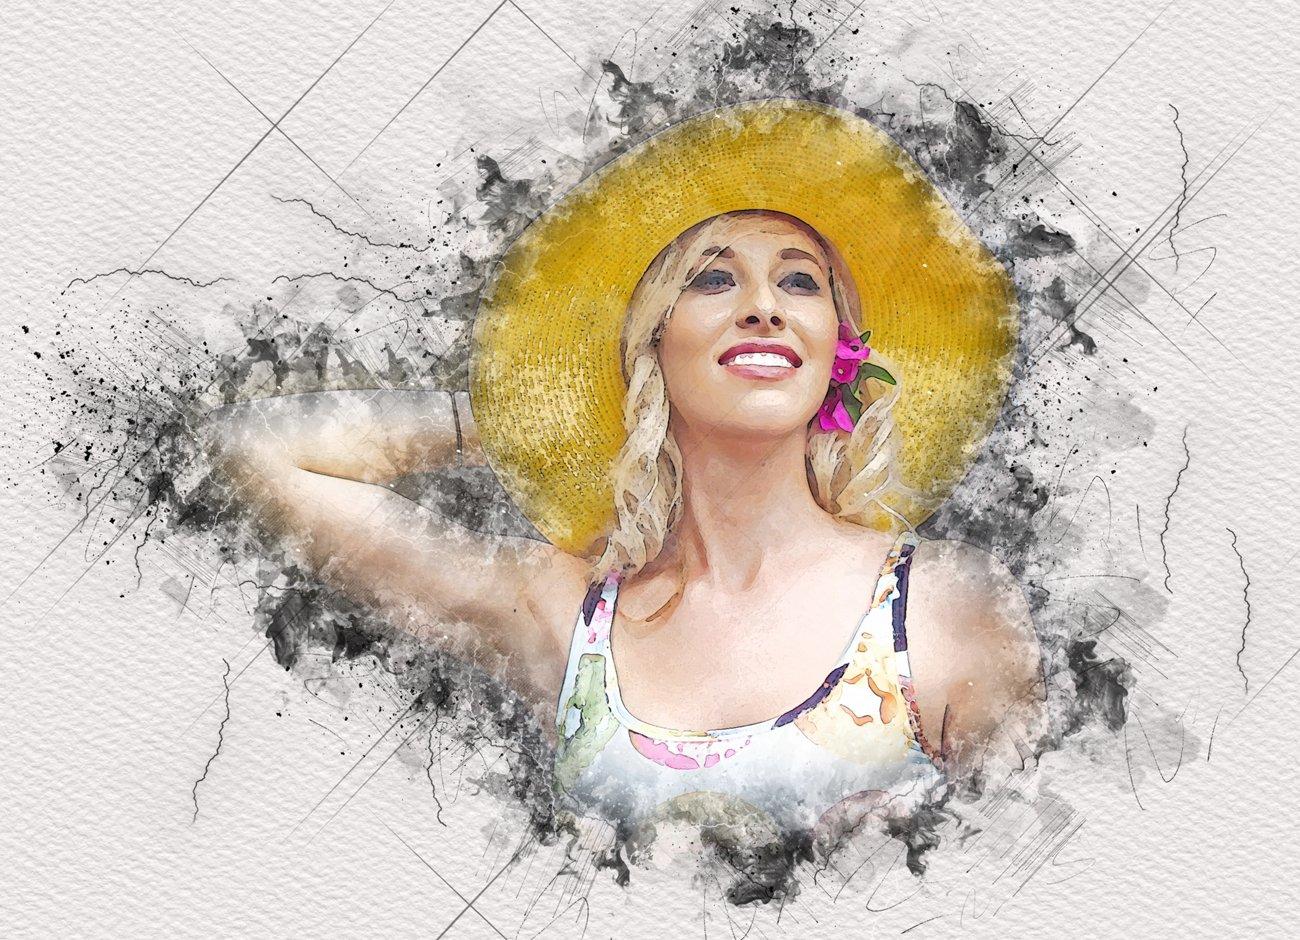 逼真水彩混合艺术效果照片处理滤镜PS动作模板 Mixed Media Art Photoshop Action插图4